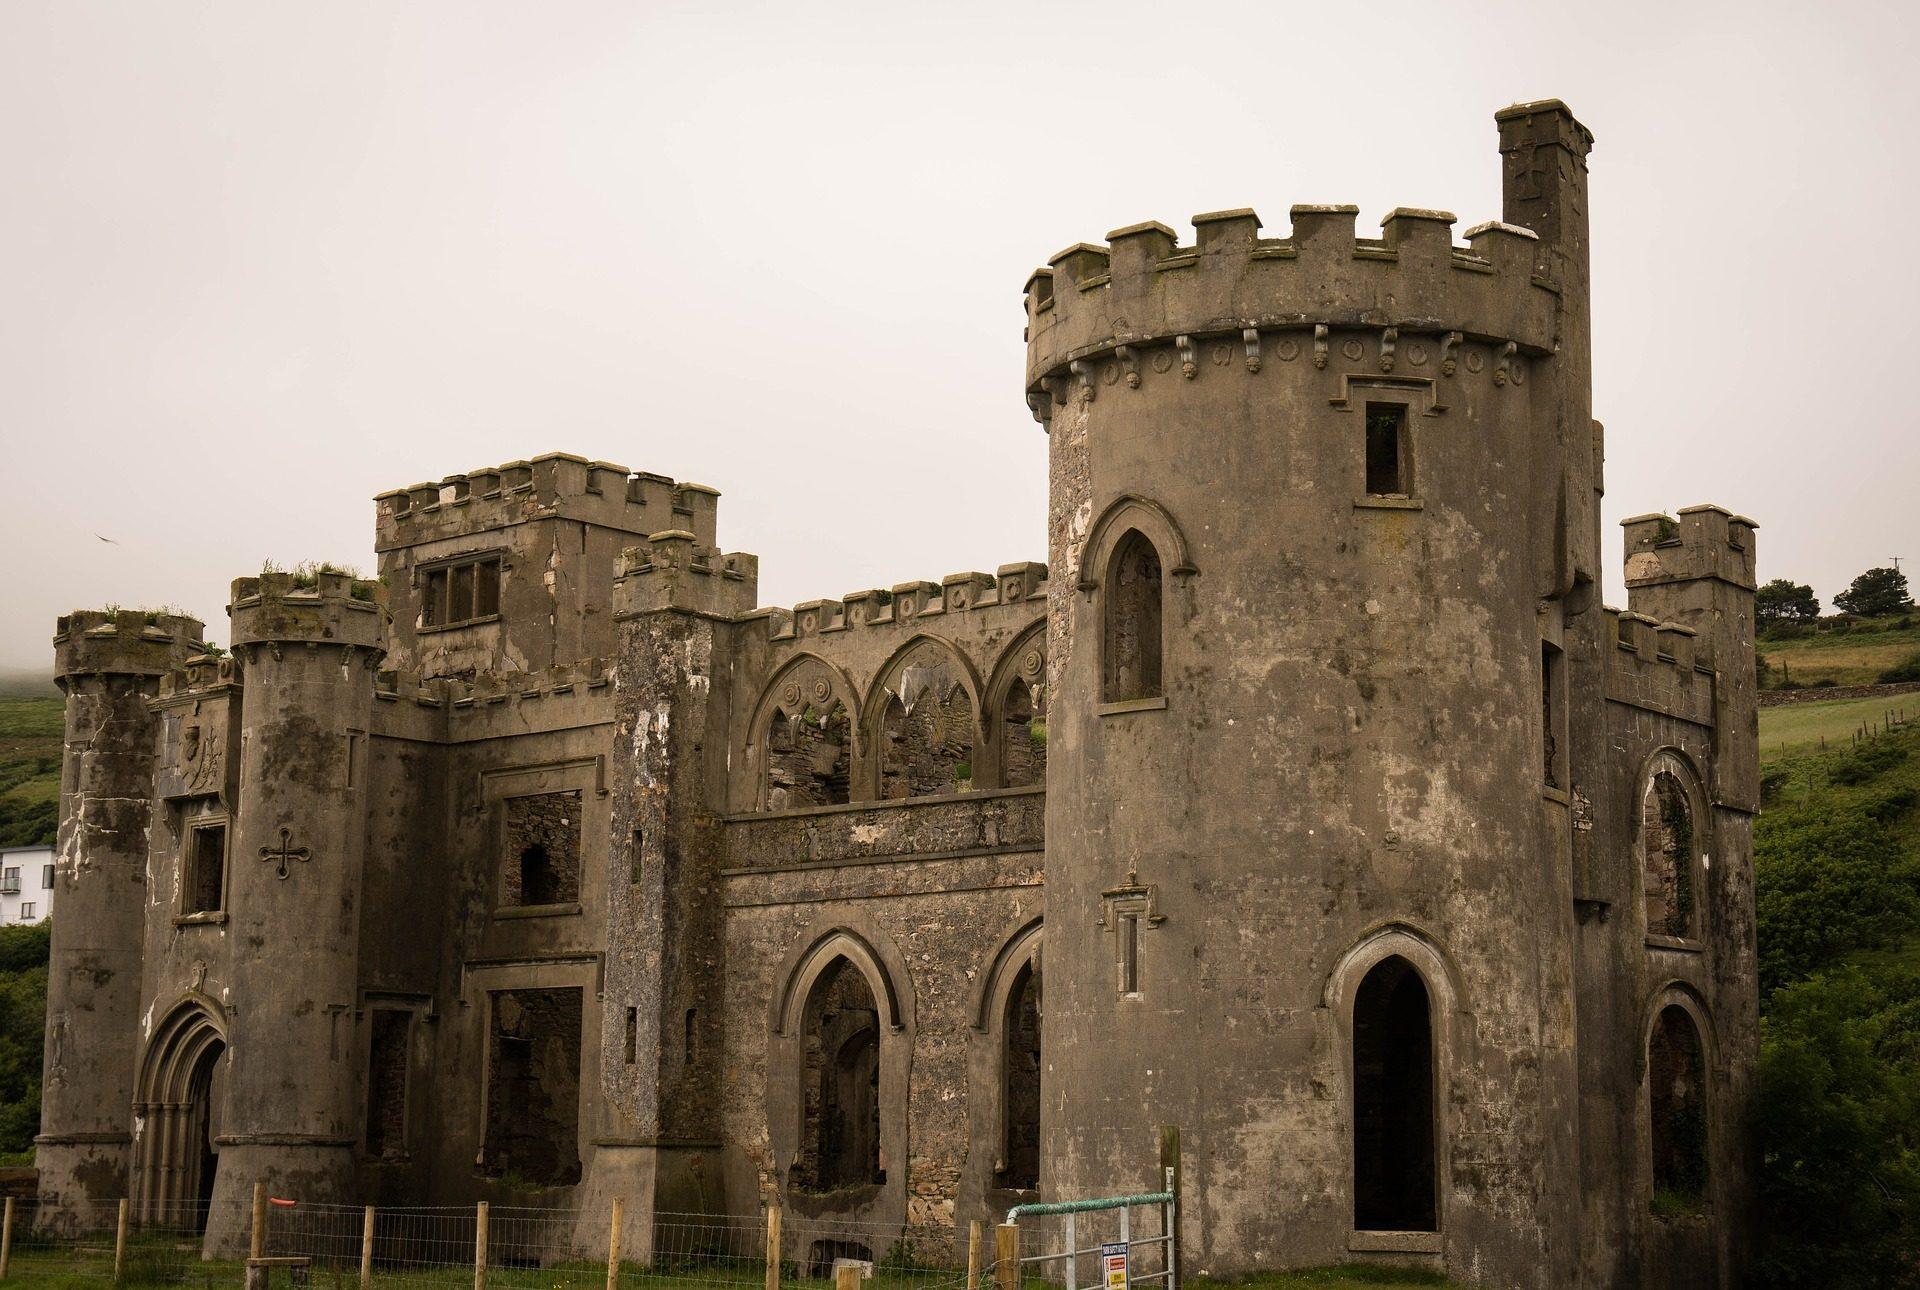 Κάστρο, μεσαιωνική, Τόρες, παλιά, ερείπια - Wallpapers HD - Professor-falken.com